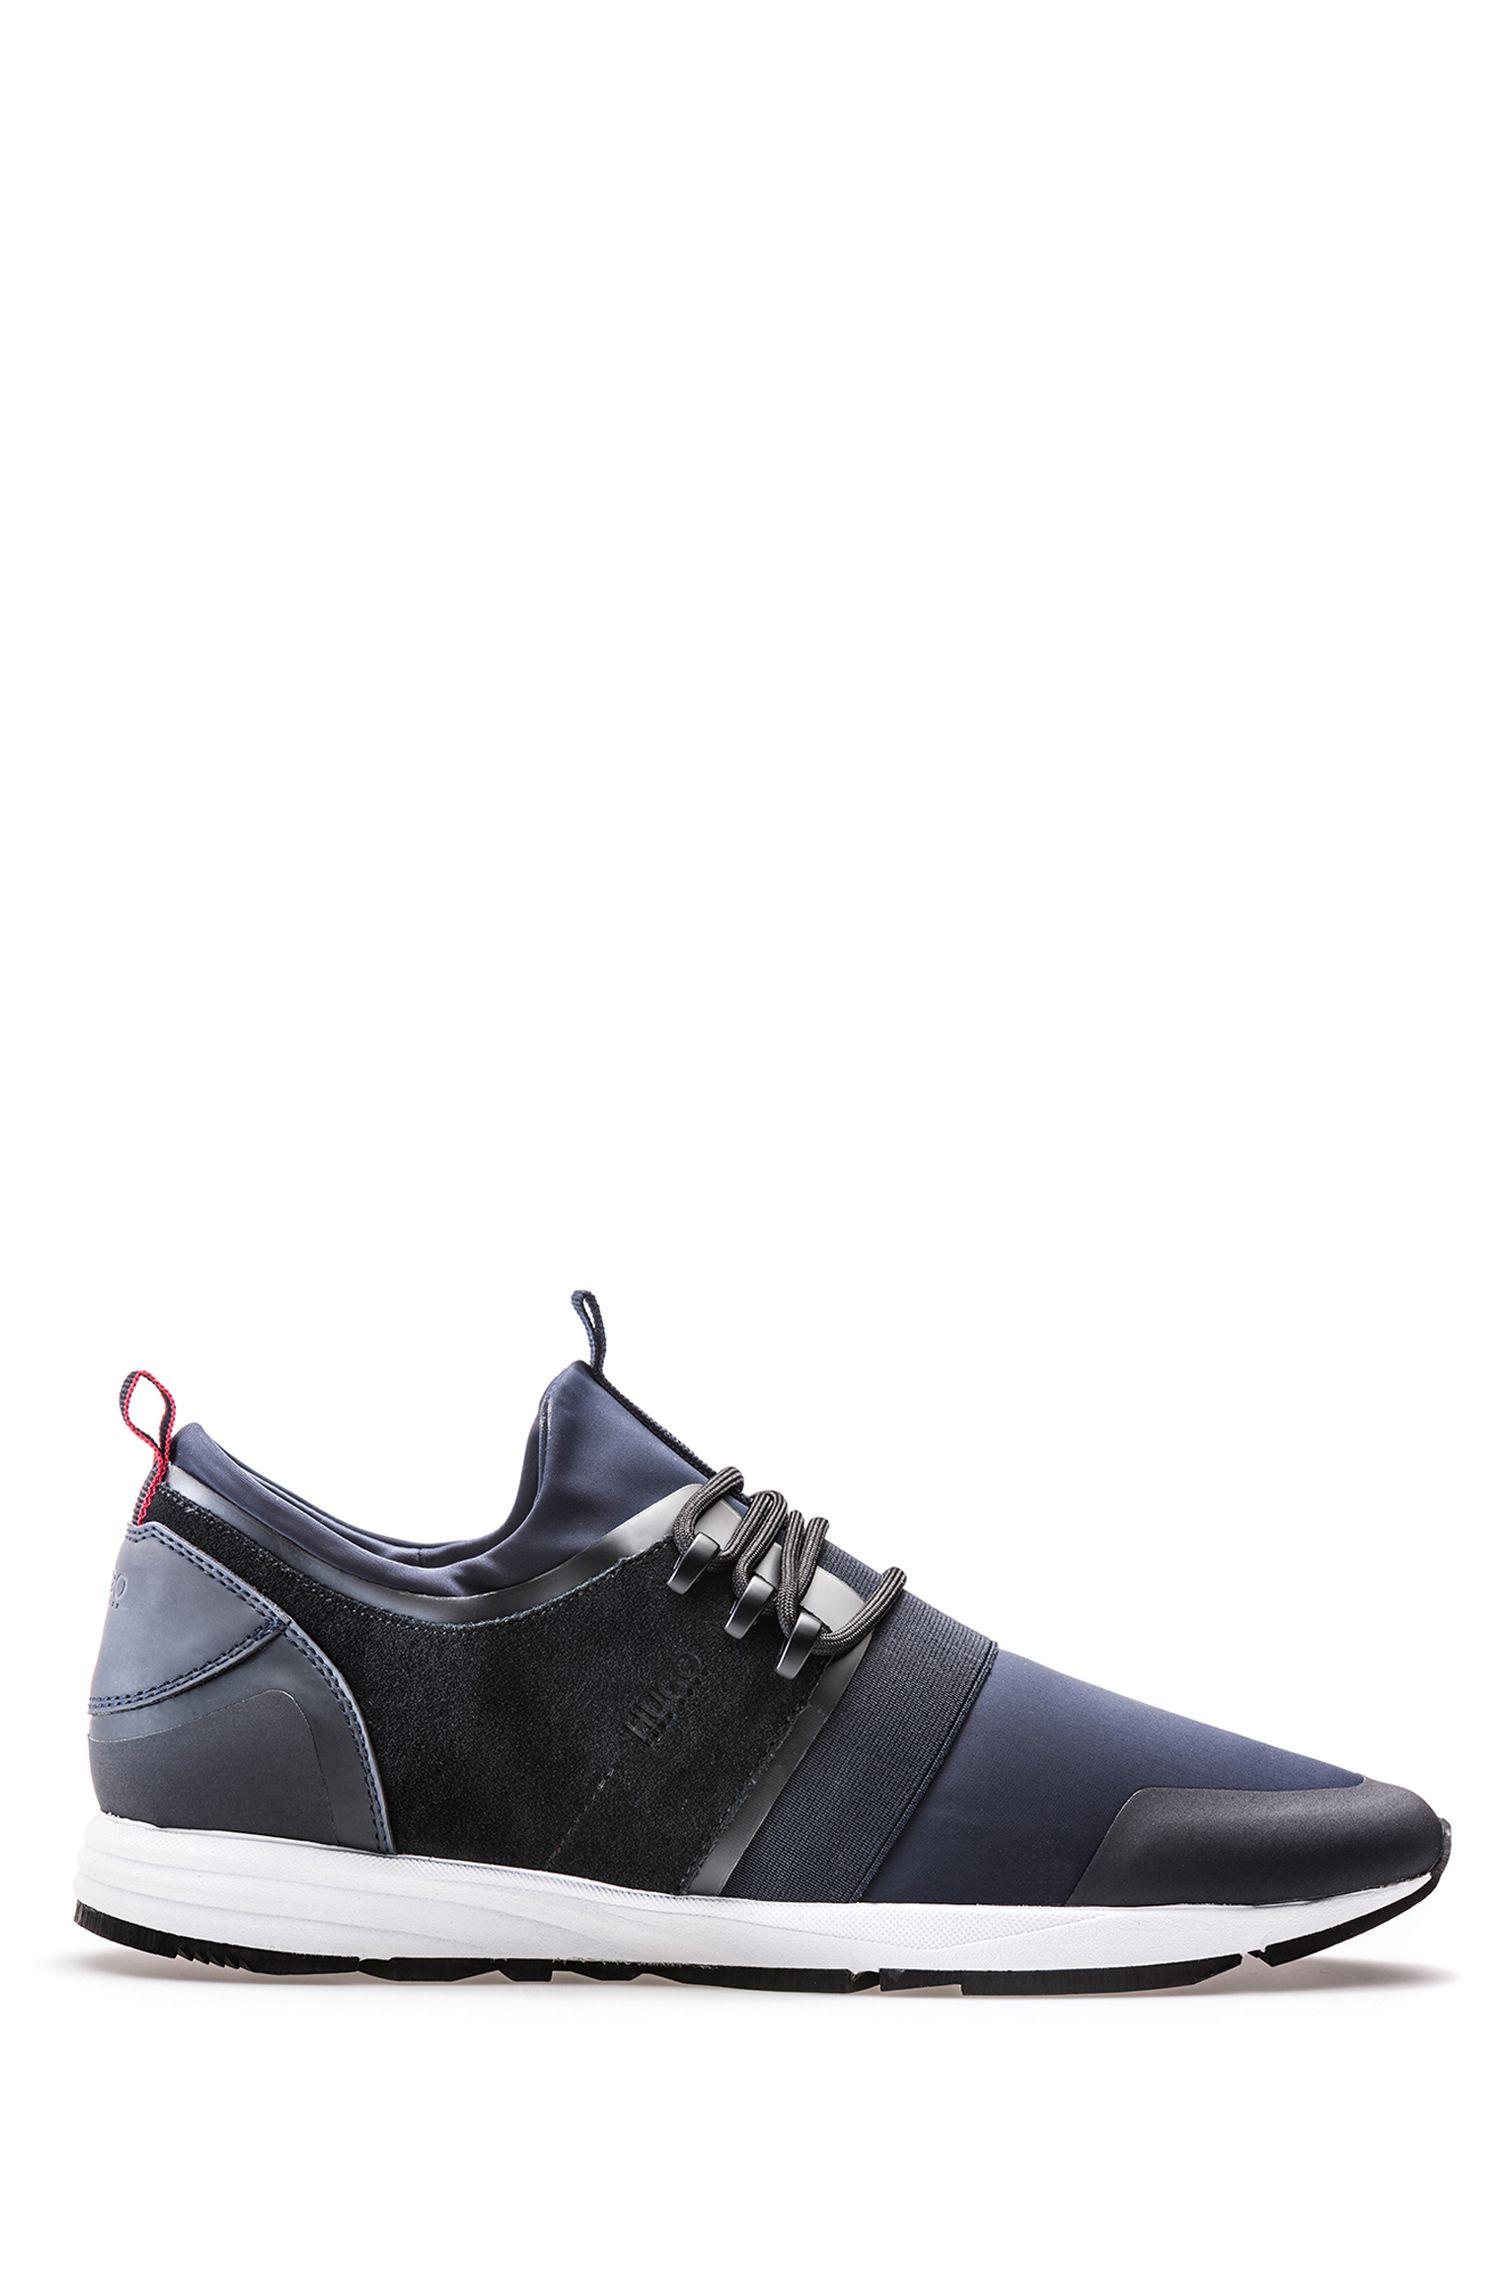 Sneakers aus Material-Mix mit Neopren-Einlage